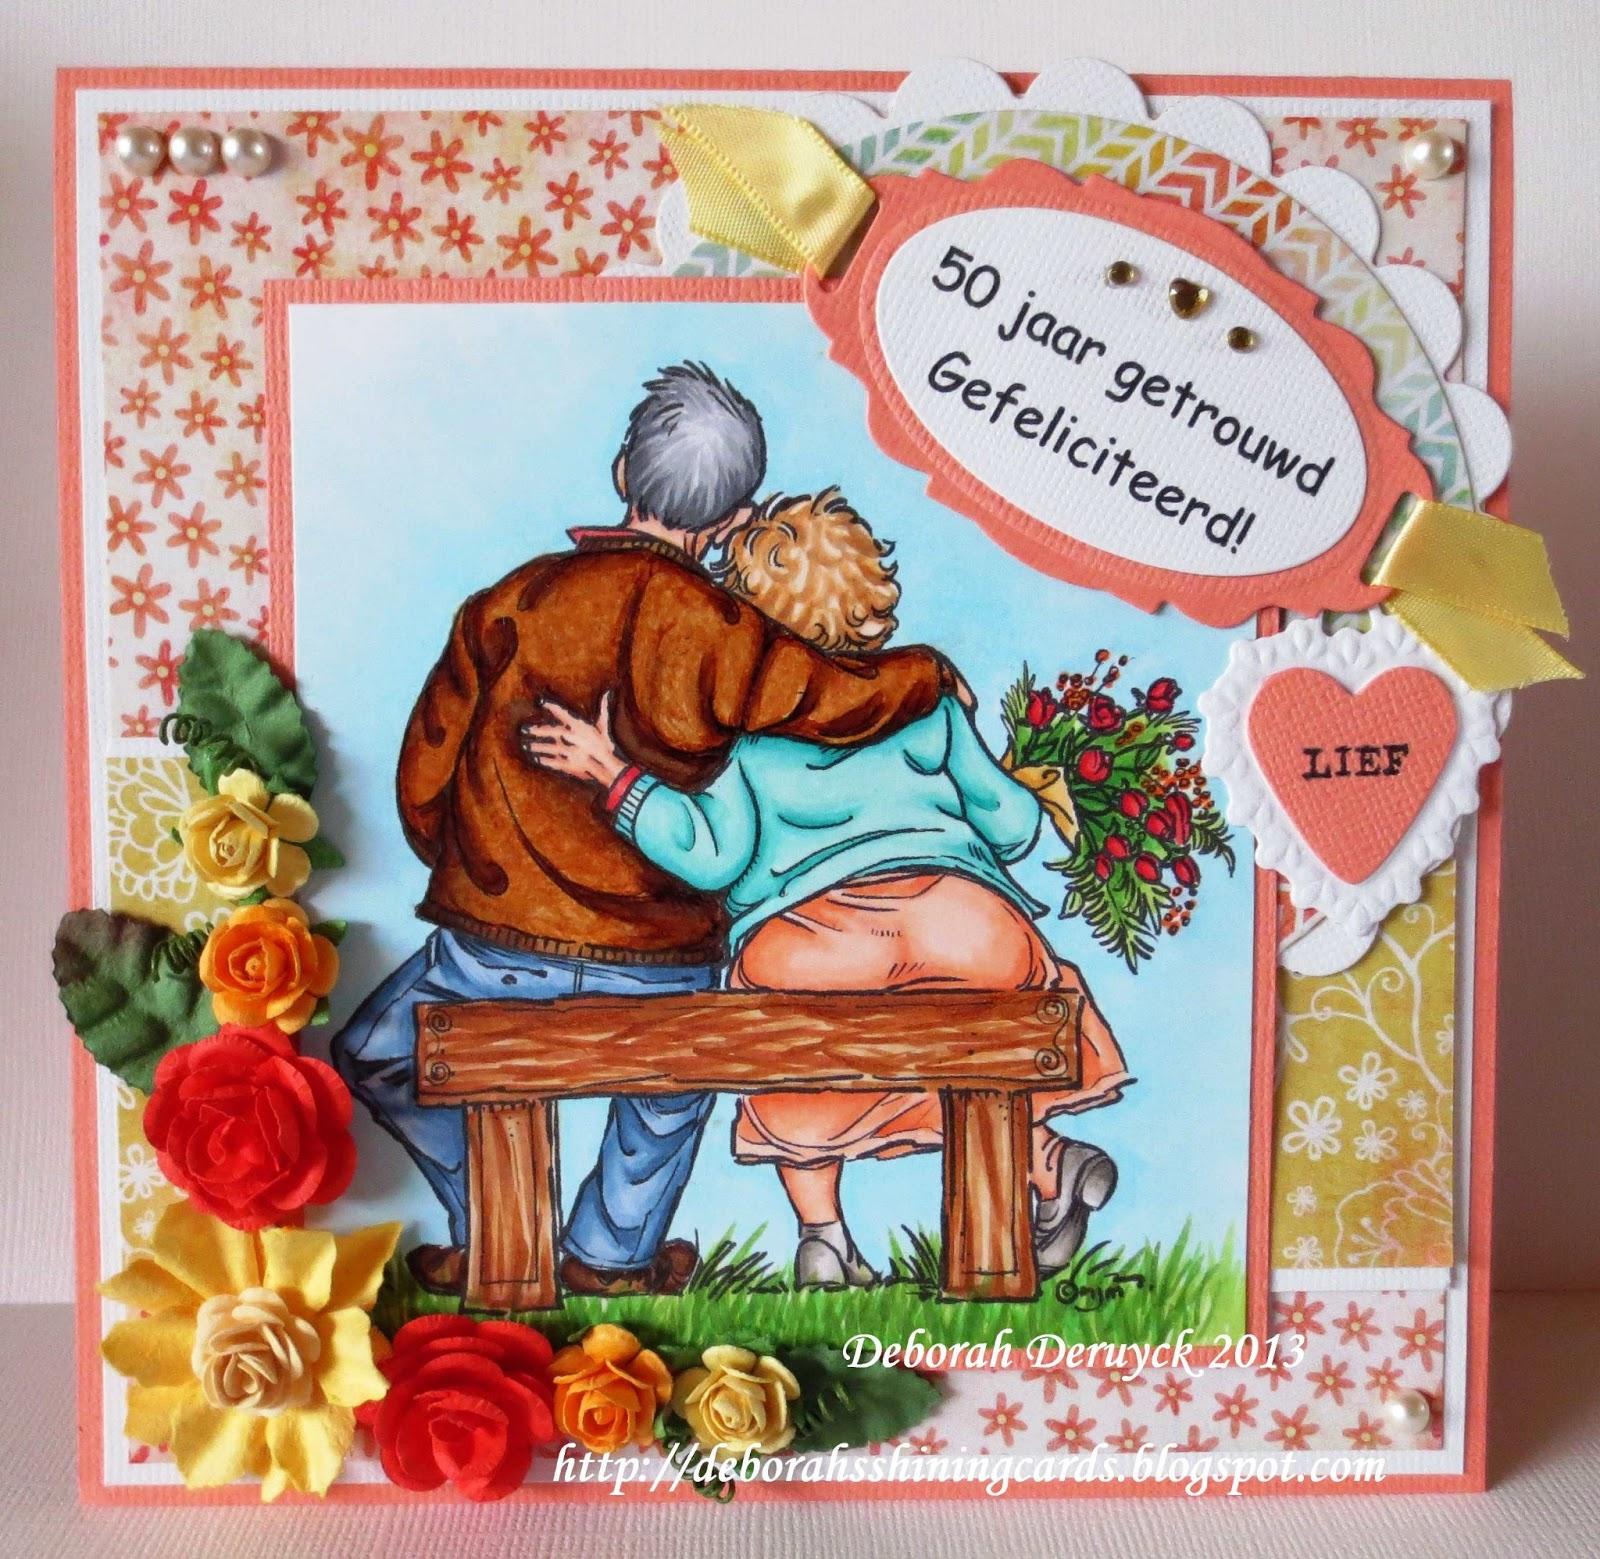 afbeeldingen 50 jarig huwelijk Afbeeldingen 50 Jaar Huwelijk   ARCHIDEV afbeeldingen 50 jarig huwelijk